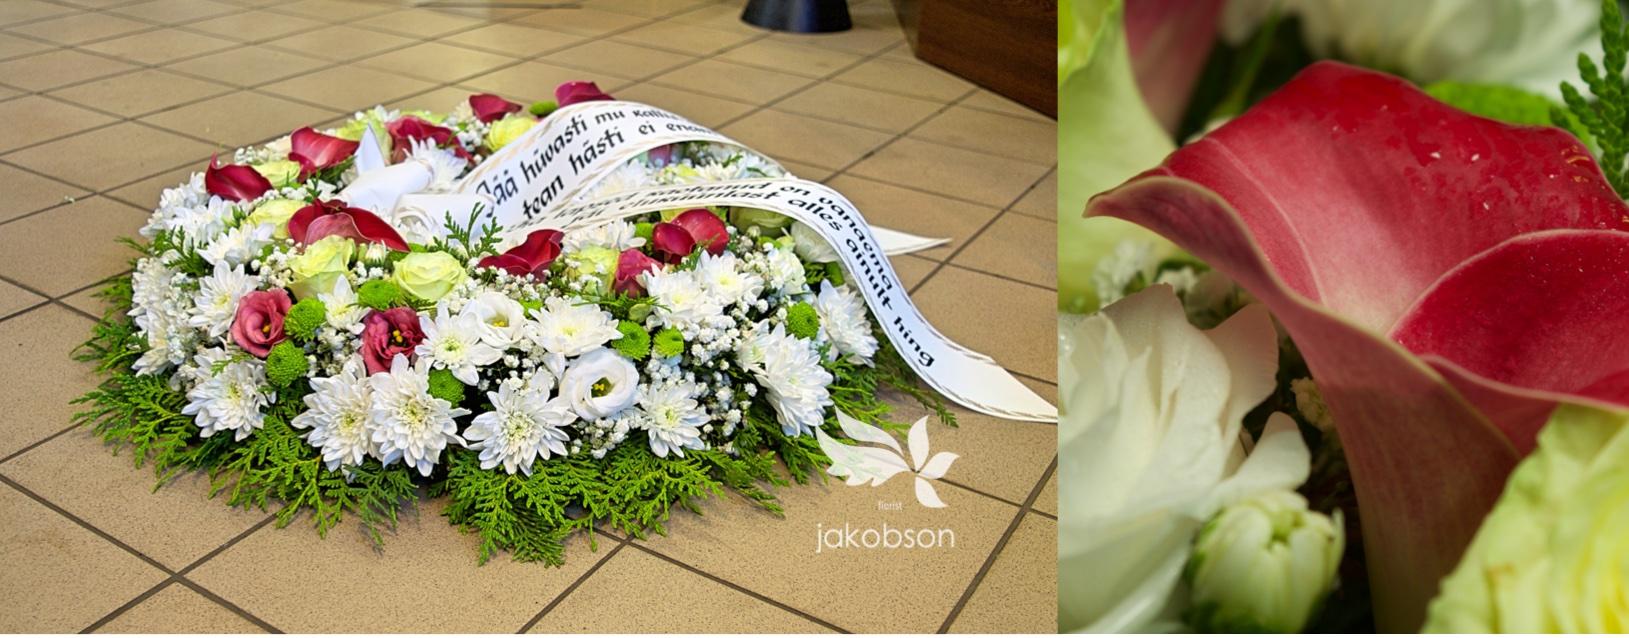 matuseparg4 - Matusepärg täislilledest